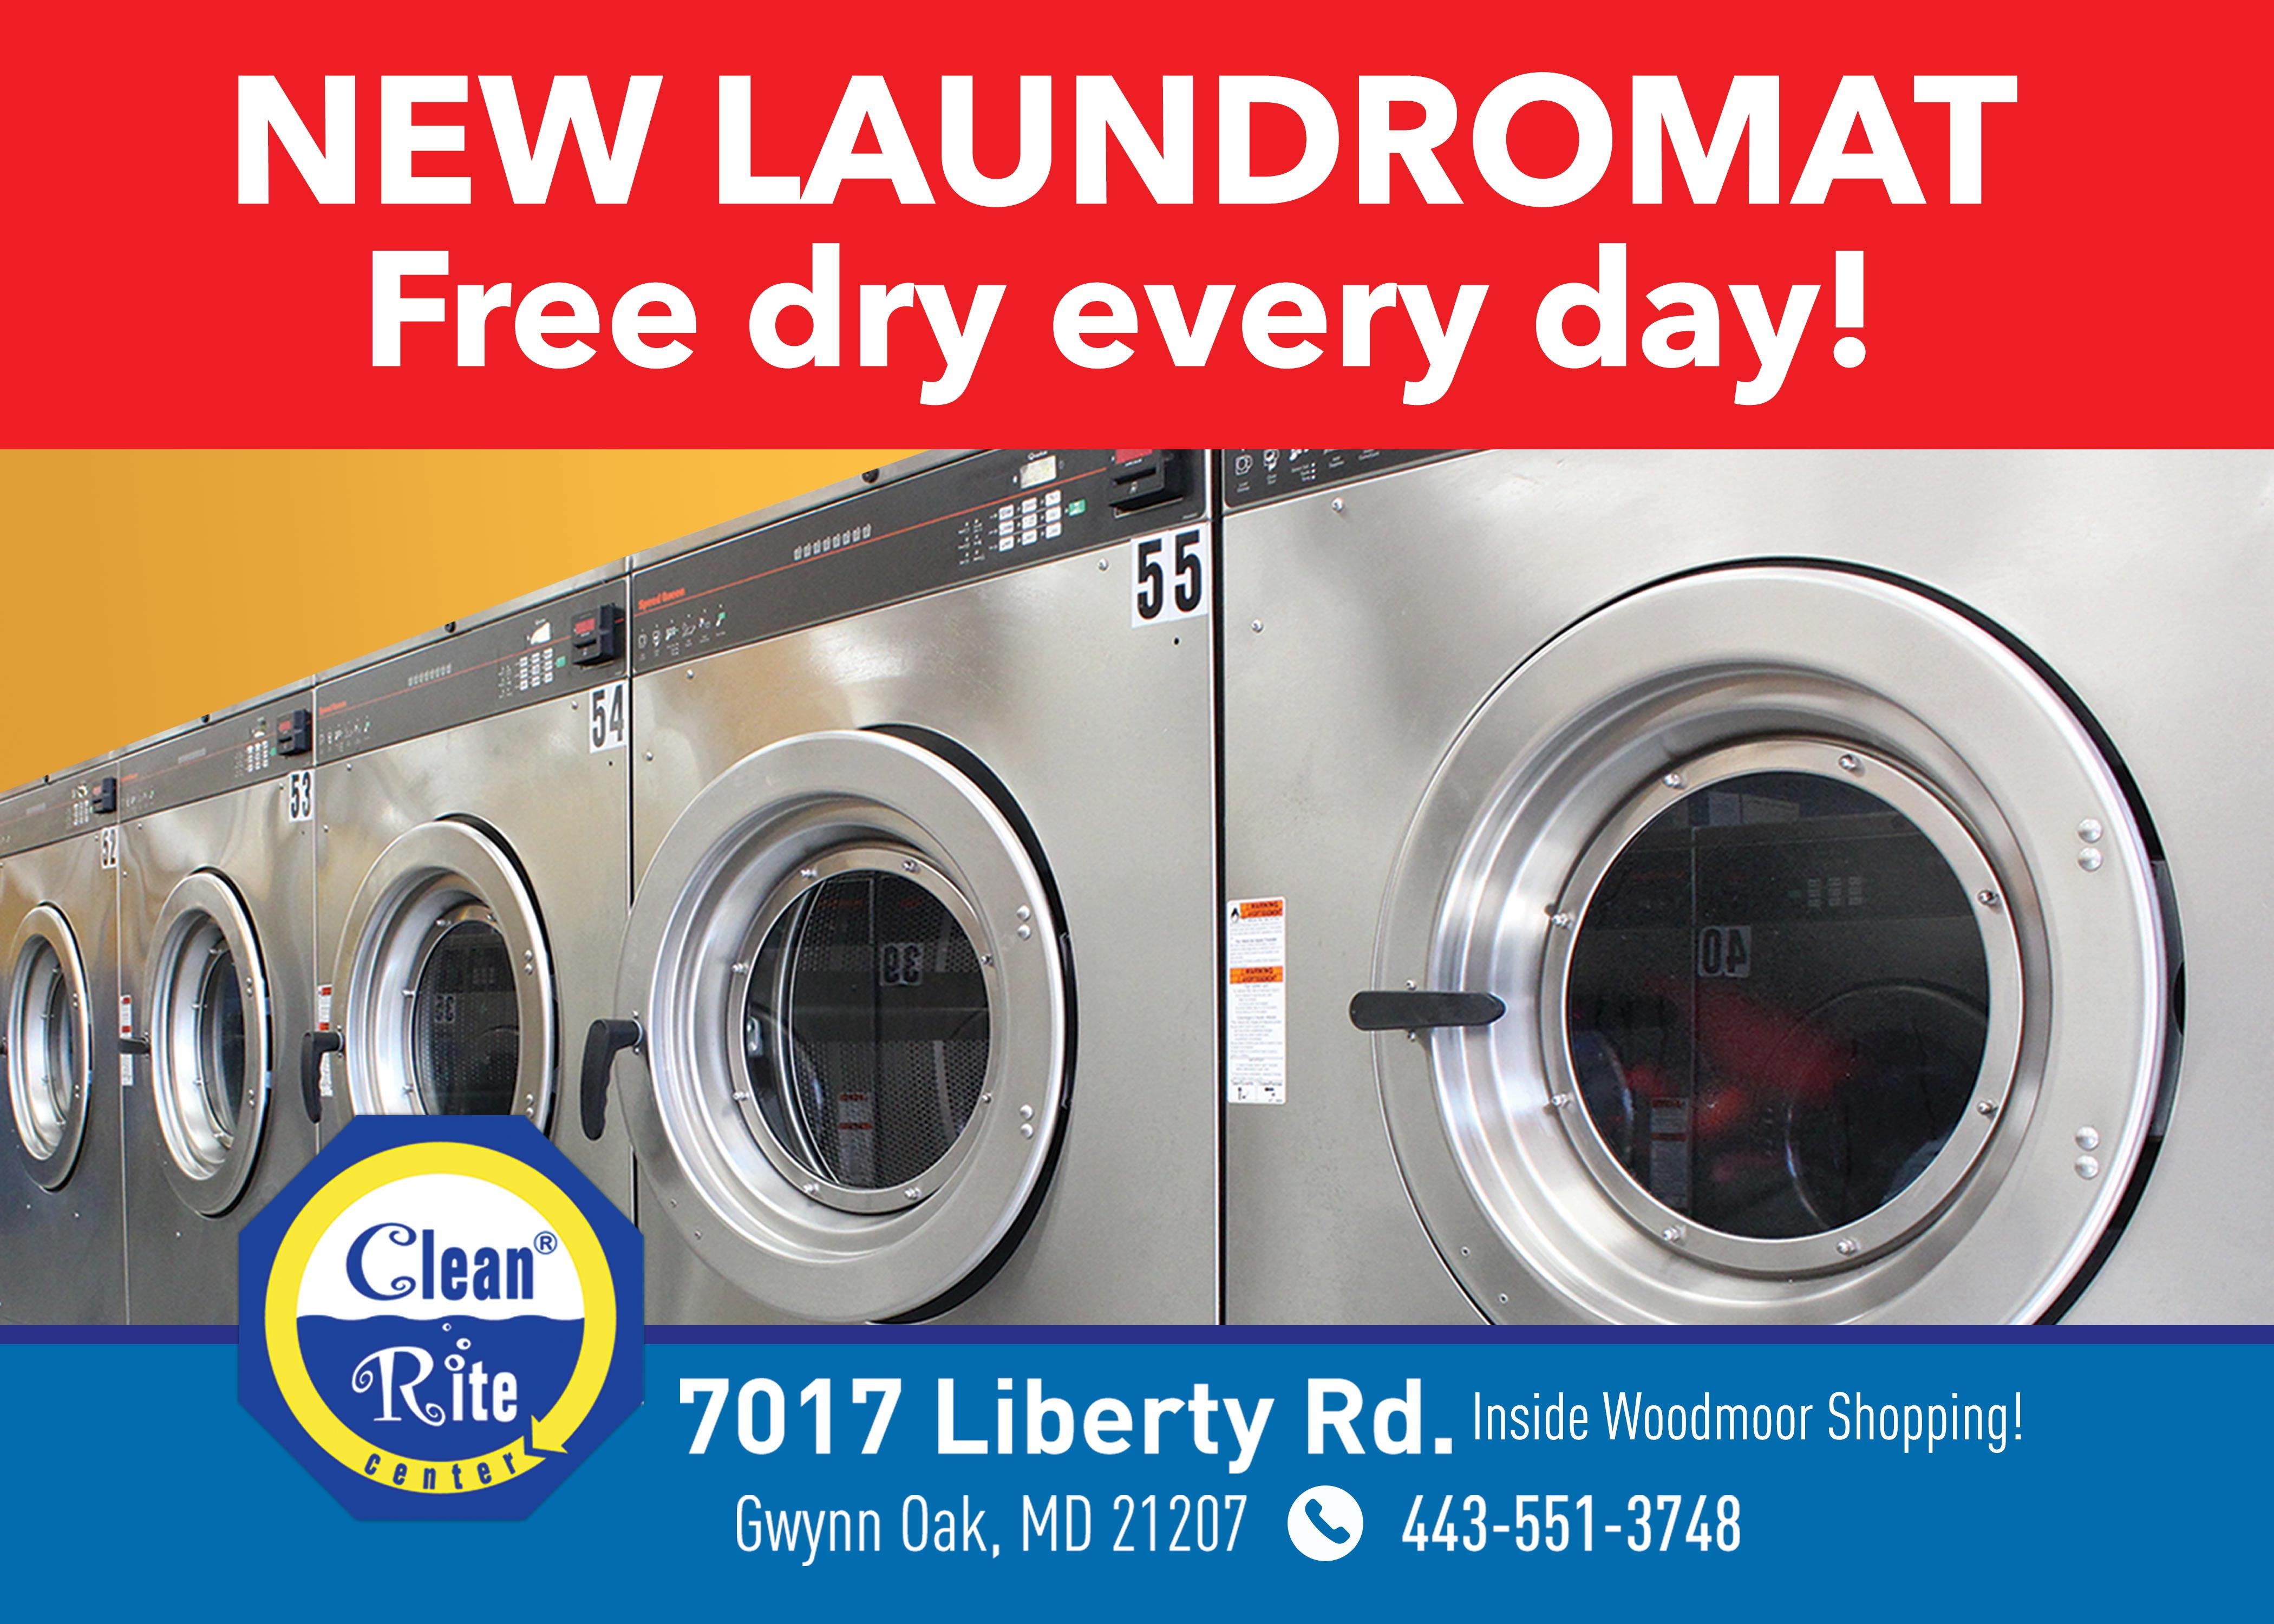 Brand New Laundromat In Gwynn Oak